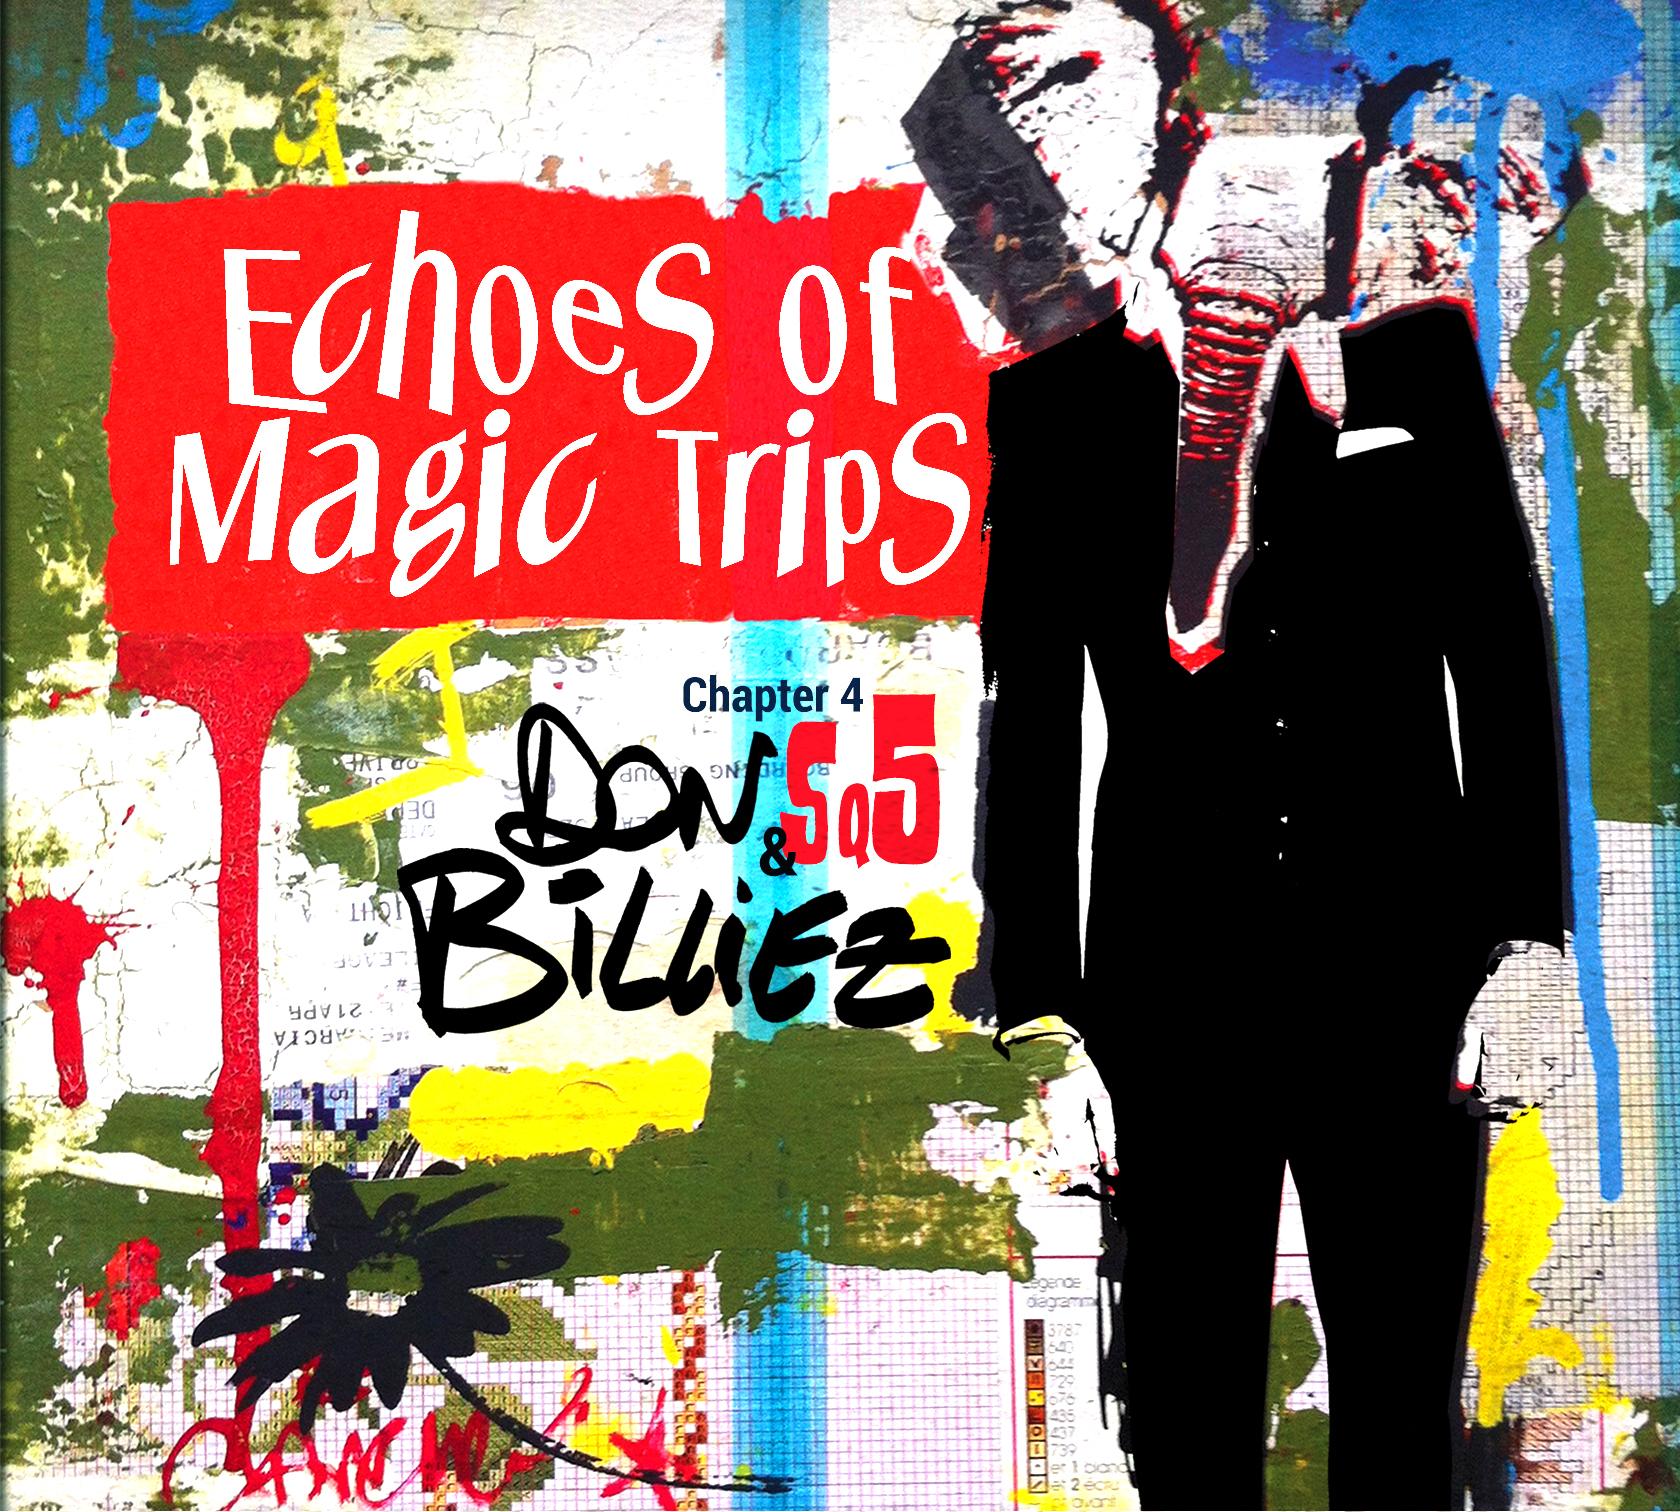 A micros ouverts avec Michel (Don) Billiez : Echoes of Magic Trips, pour un concert à Gréoux